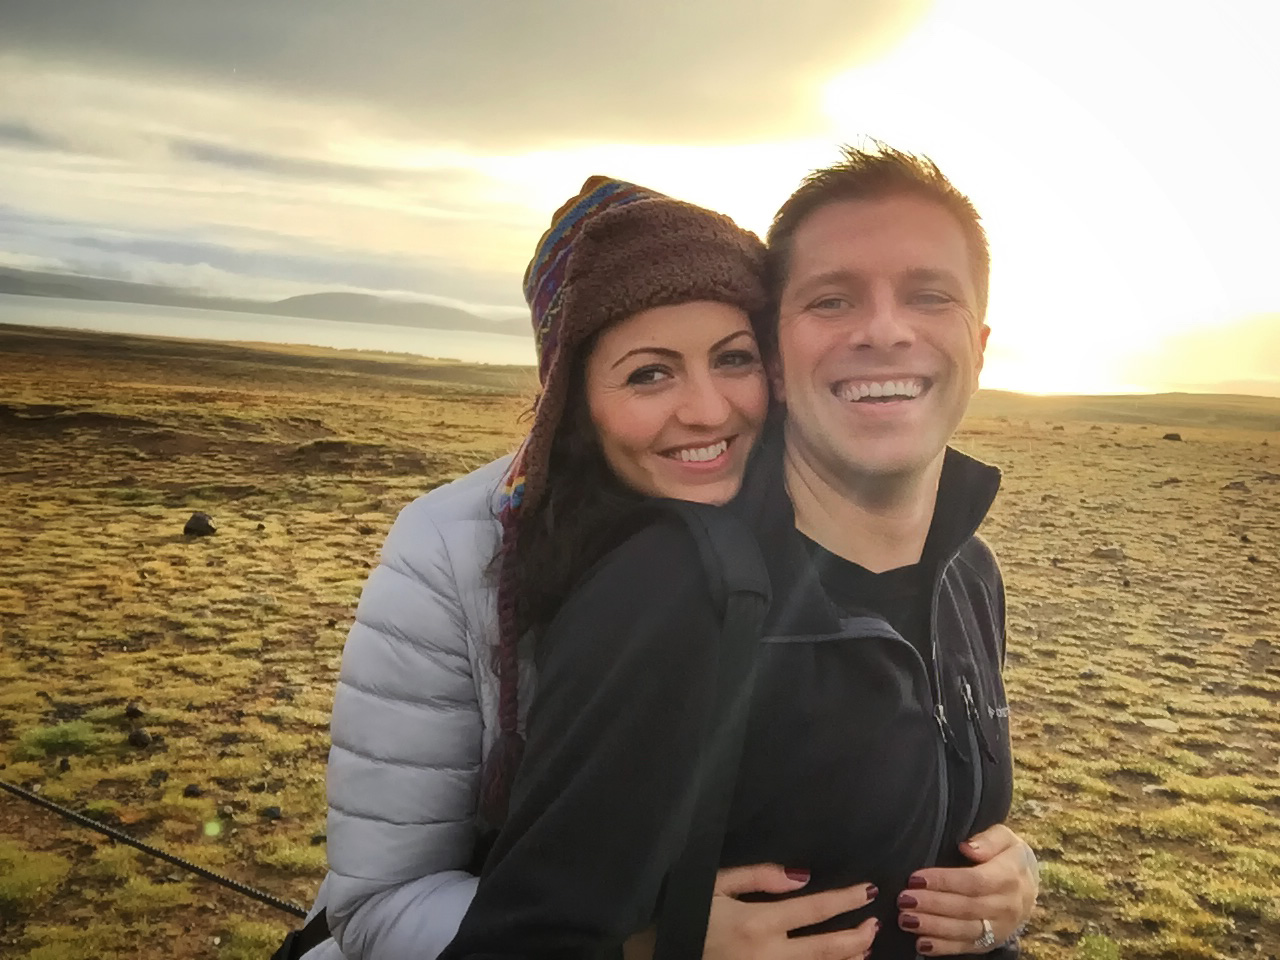 David and Zena